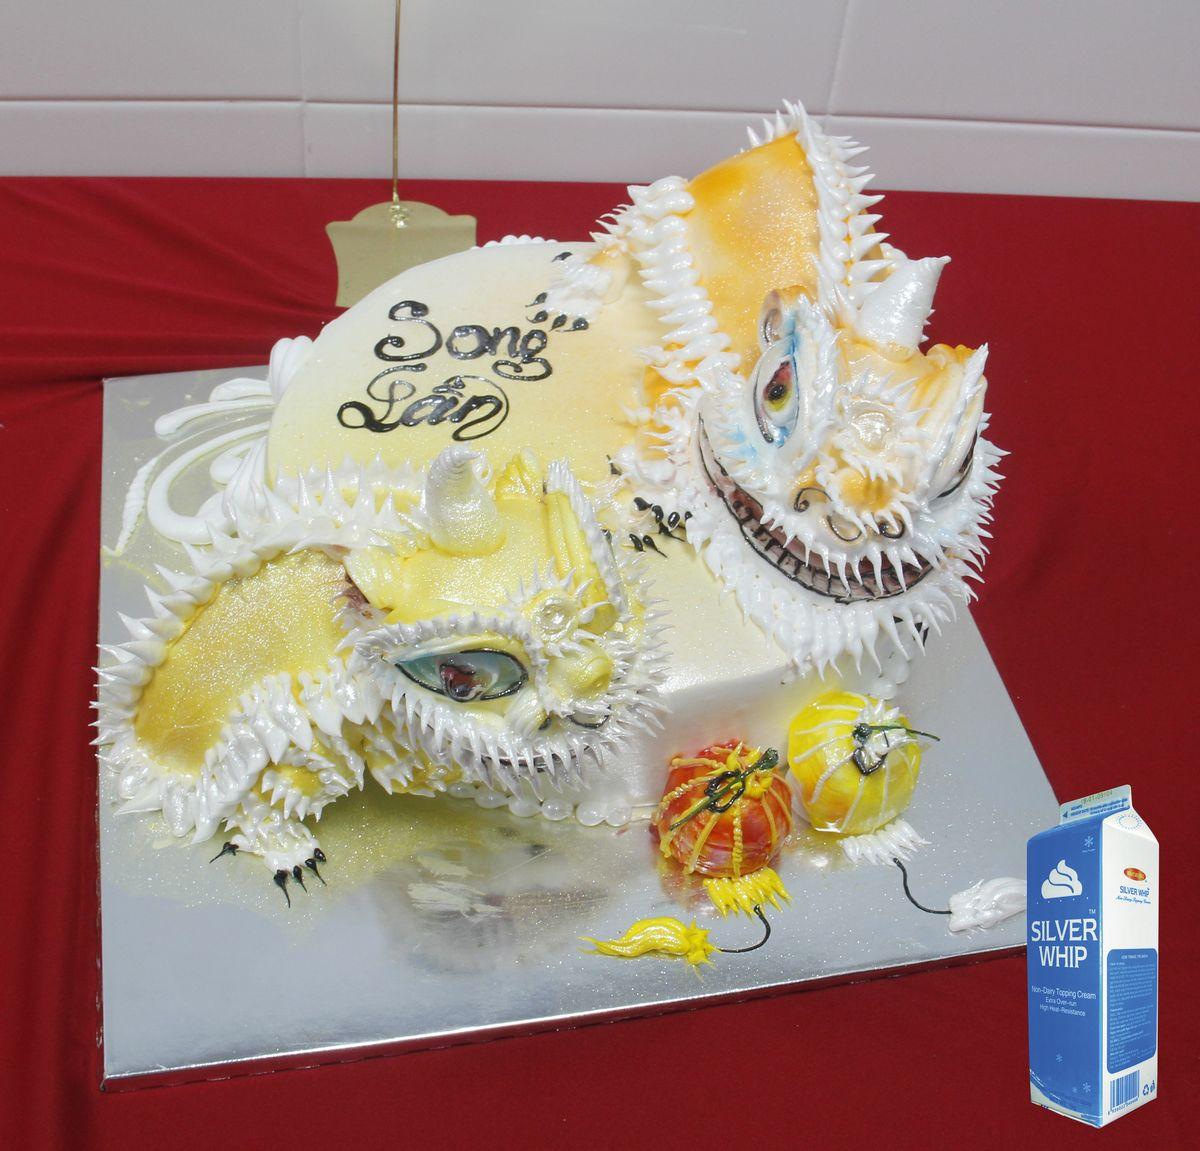 Hình ảnh bánh kem chủ đề Tết Trung Thu